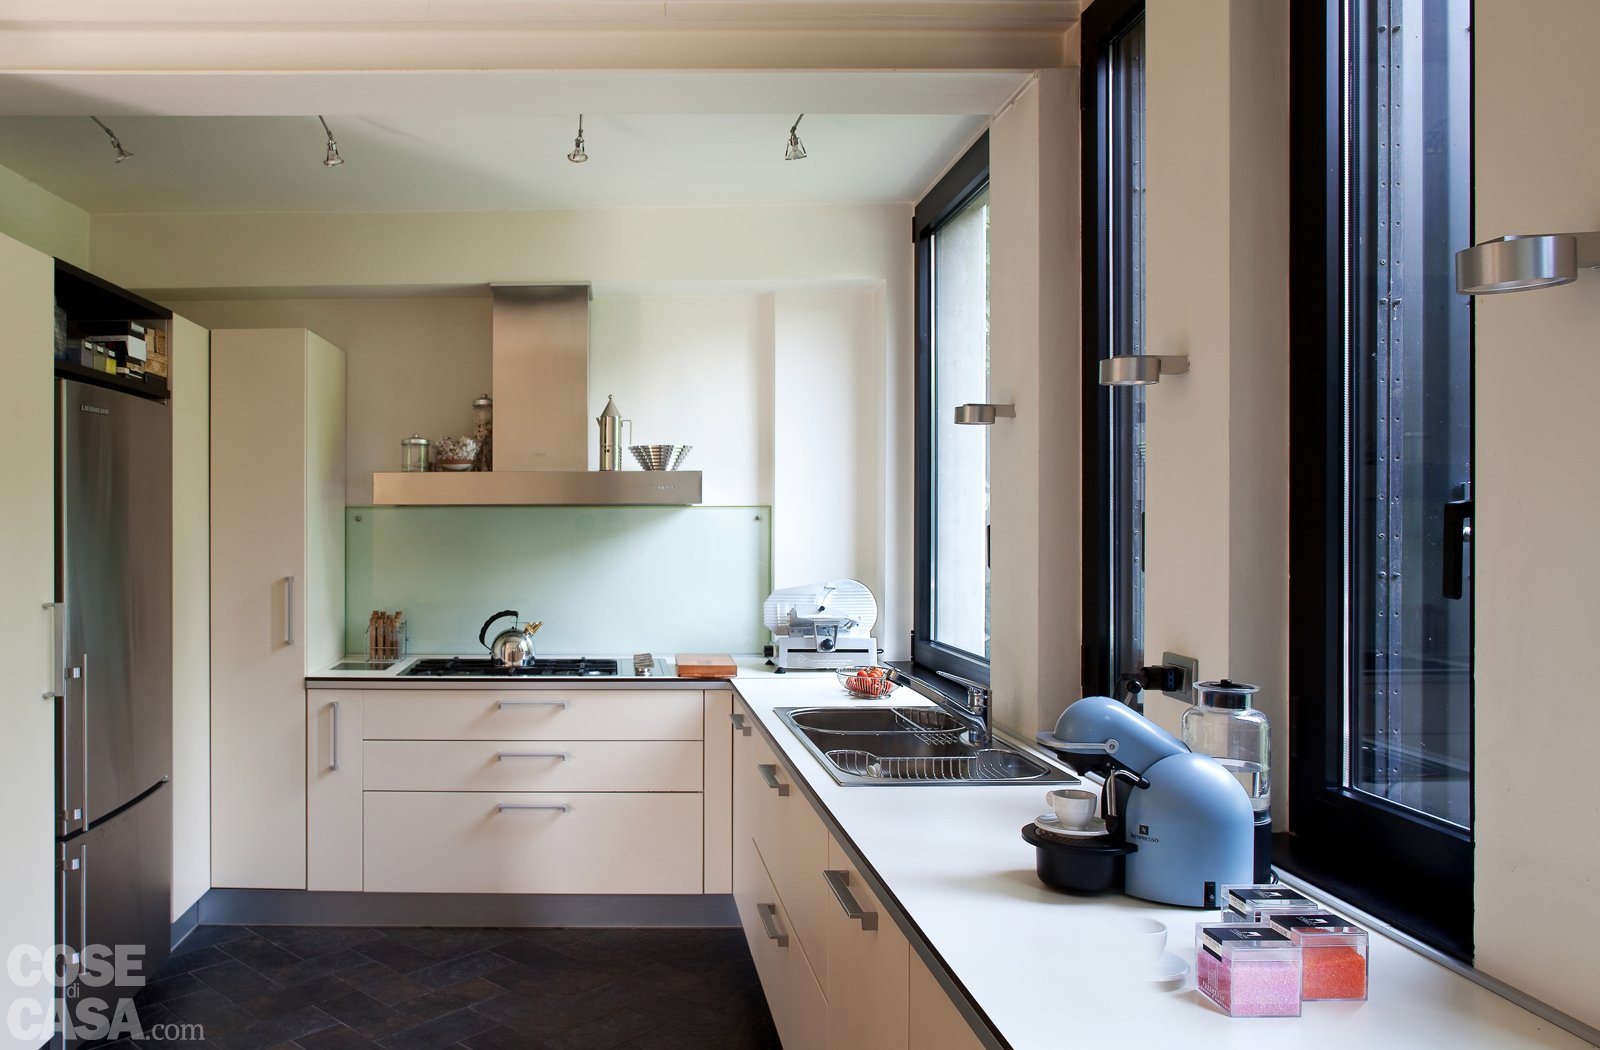 Una Casa Con Soluzioni Che Moltiplicano La Luce Cose Di Casa #4A5F81 1600 1050 Foto Di Belle Cucine In Muratura